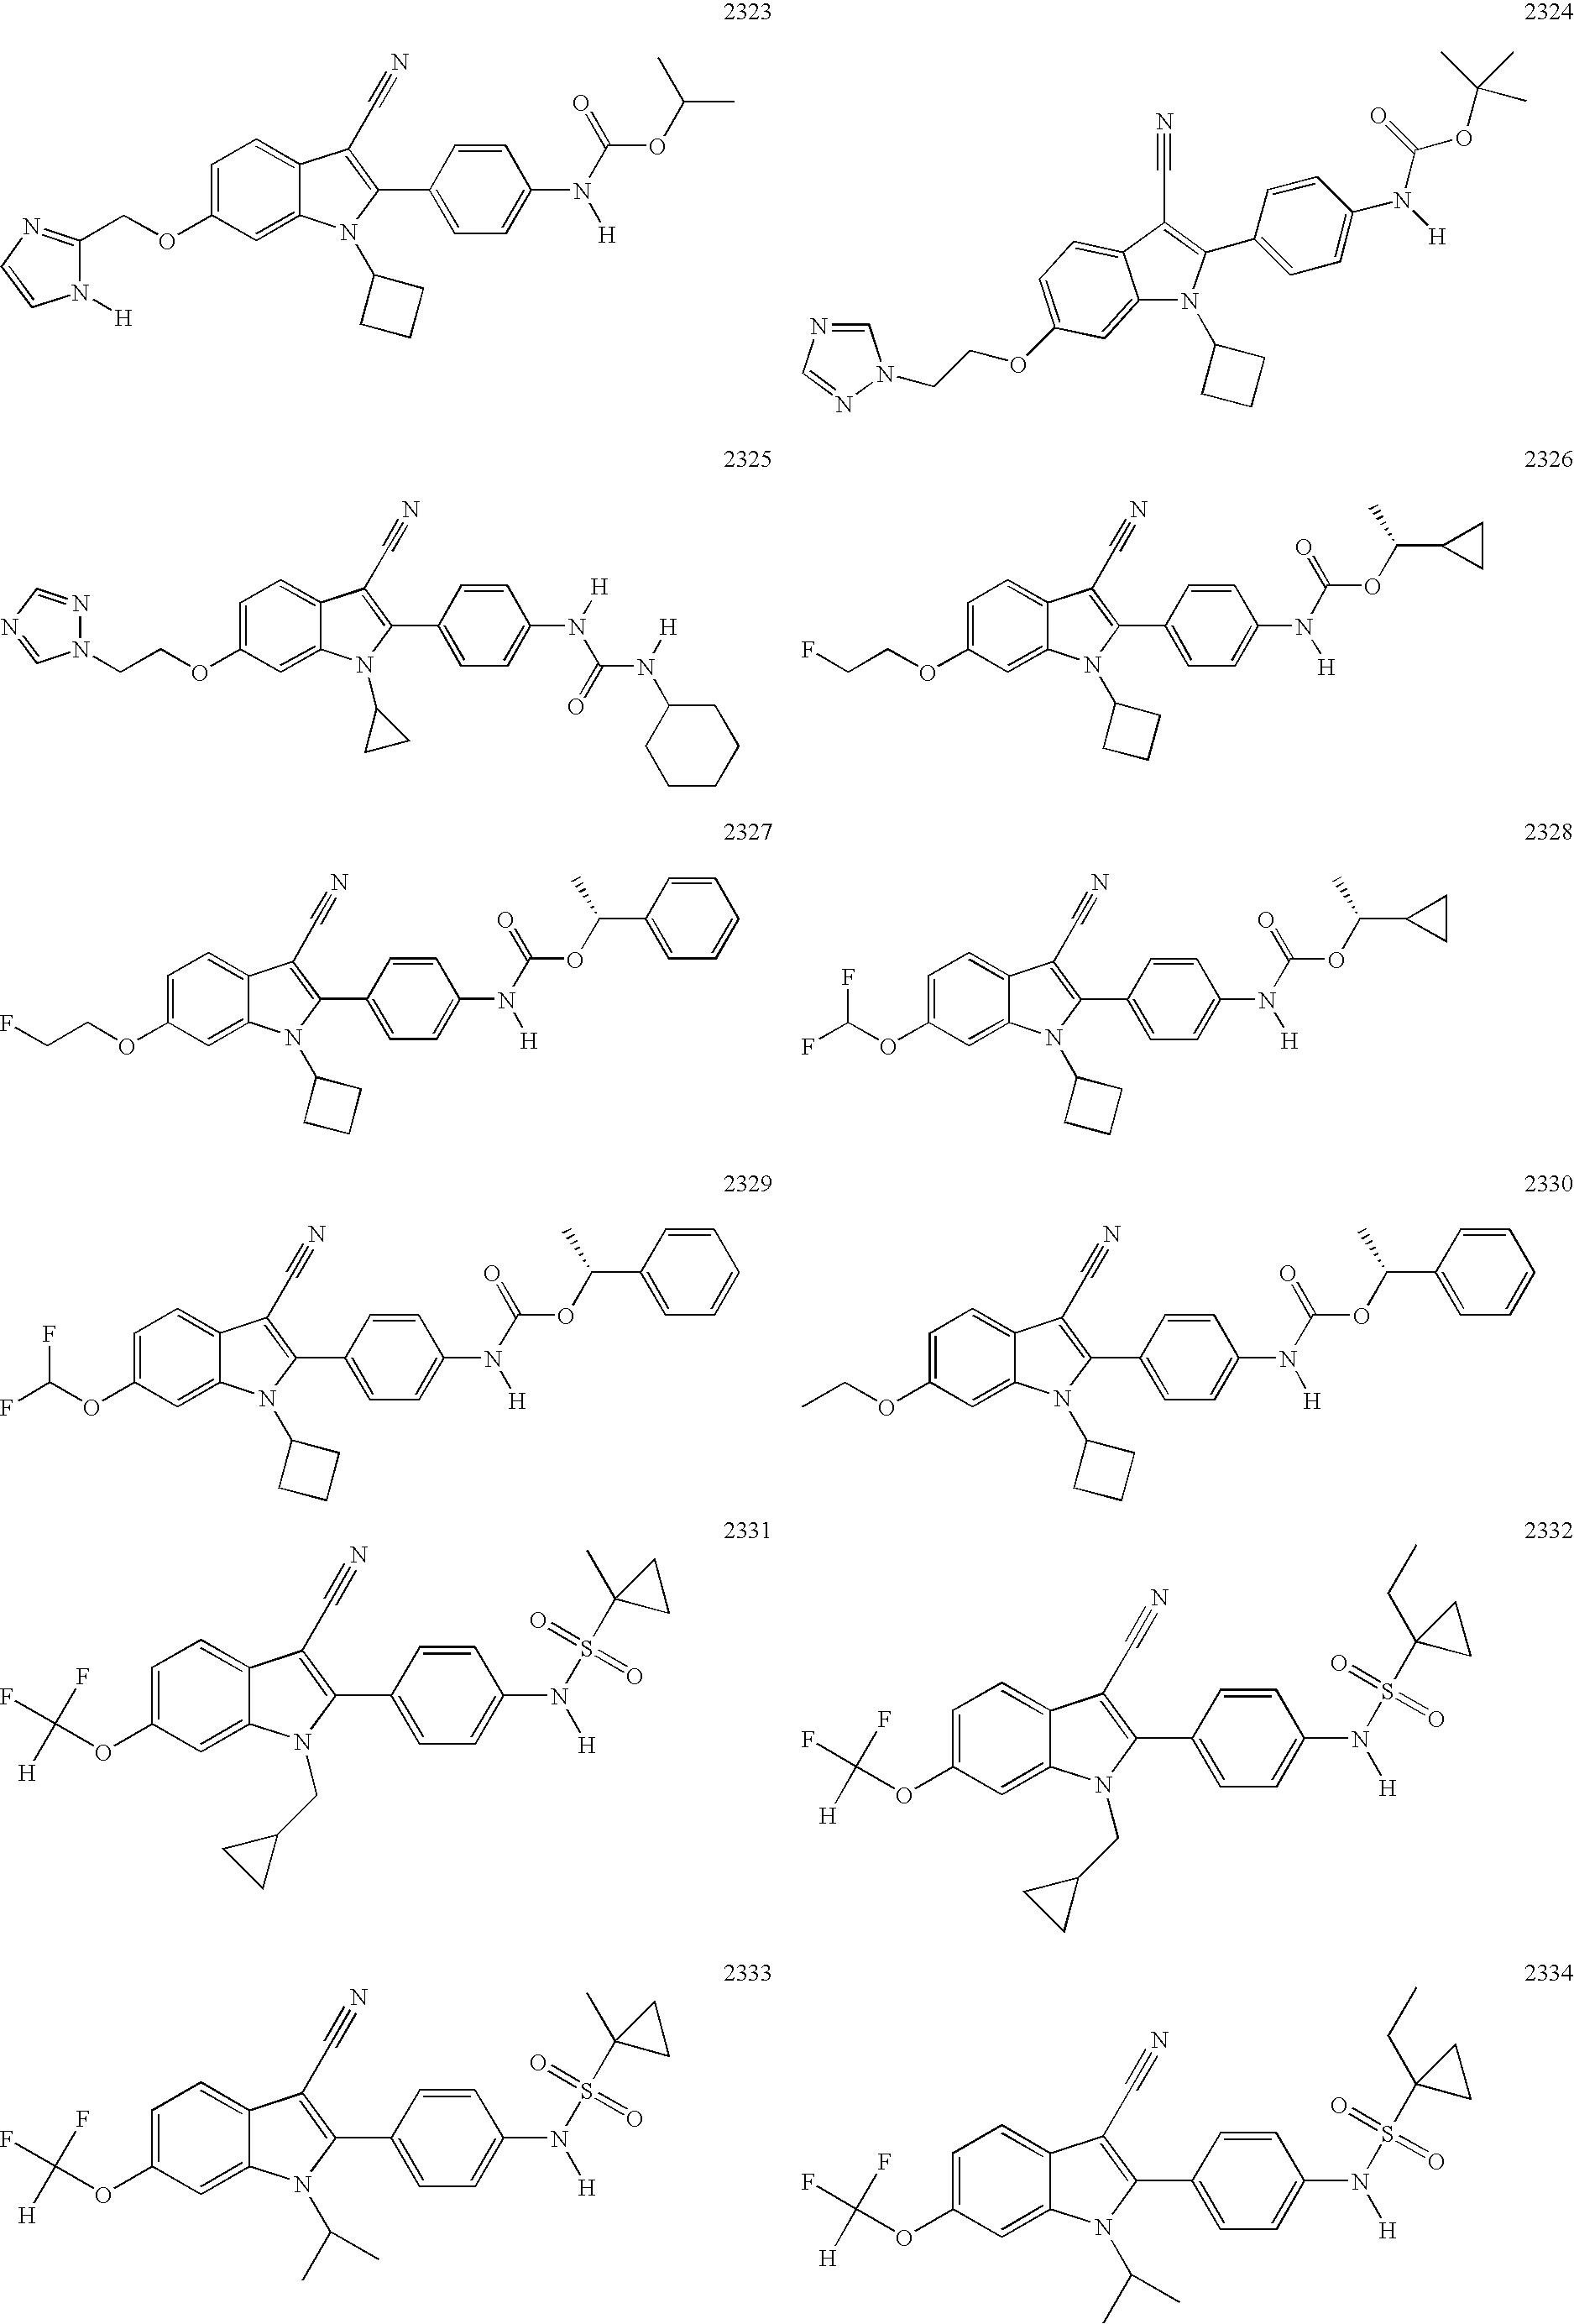 Figure US07781478-20100824-C00252